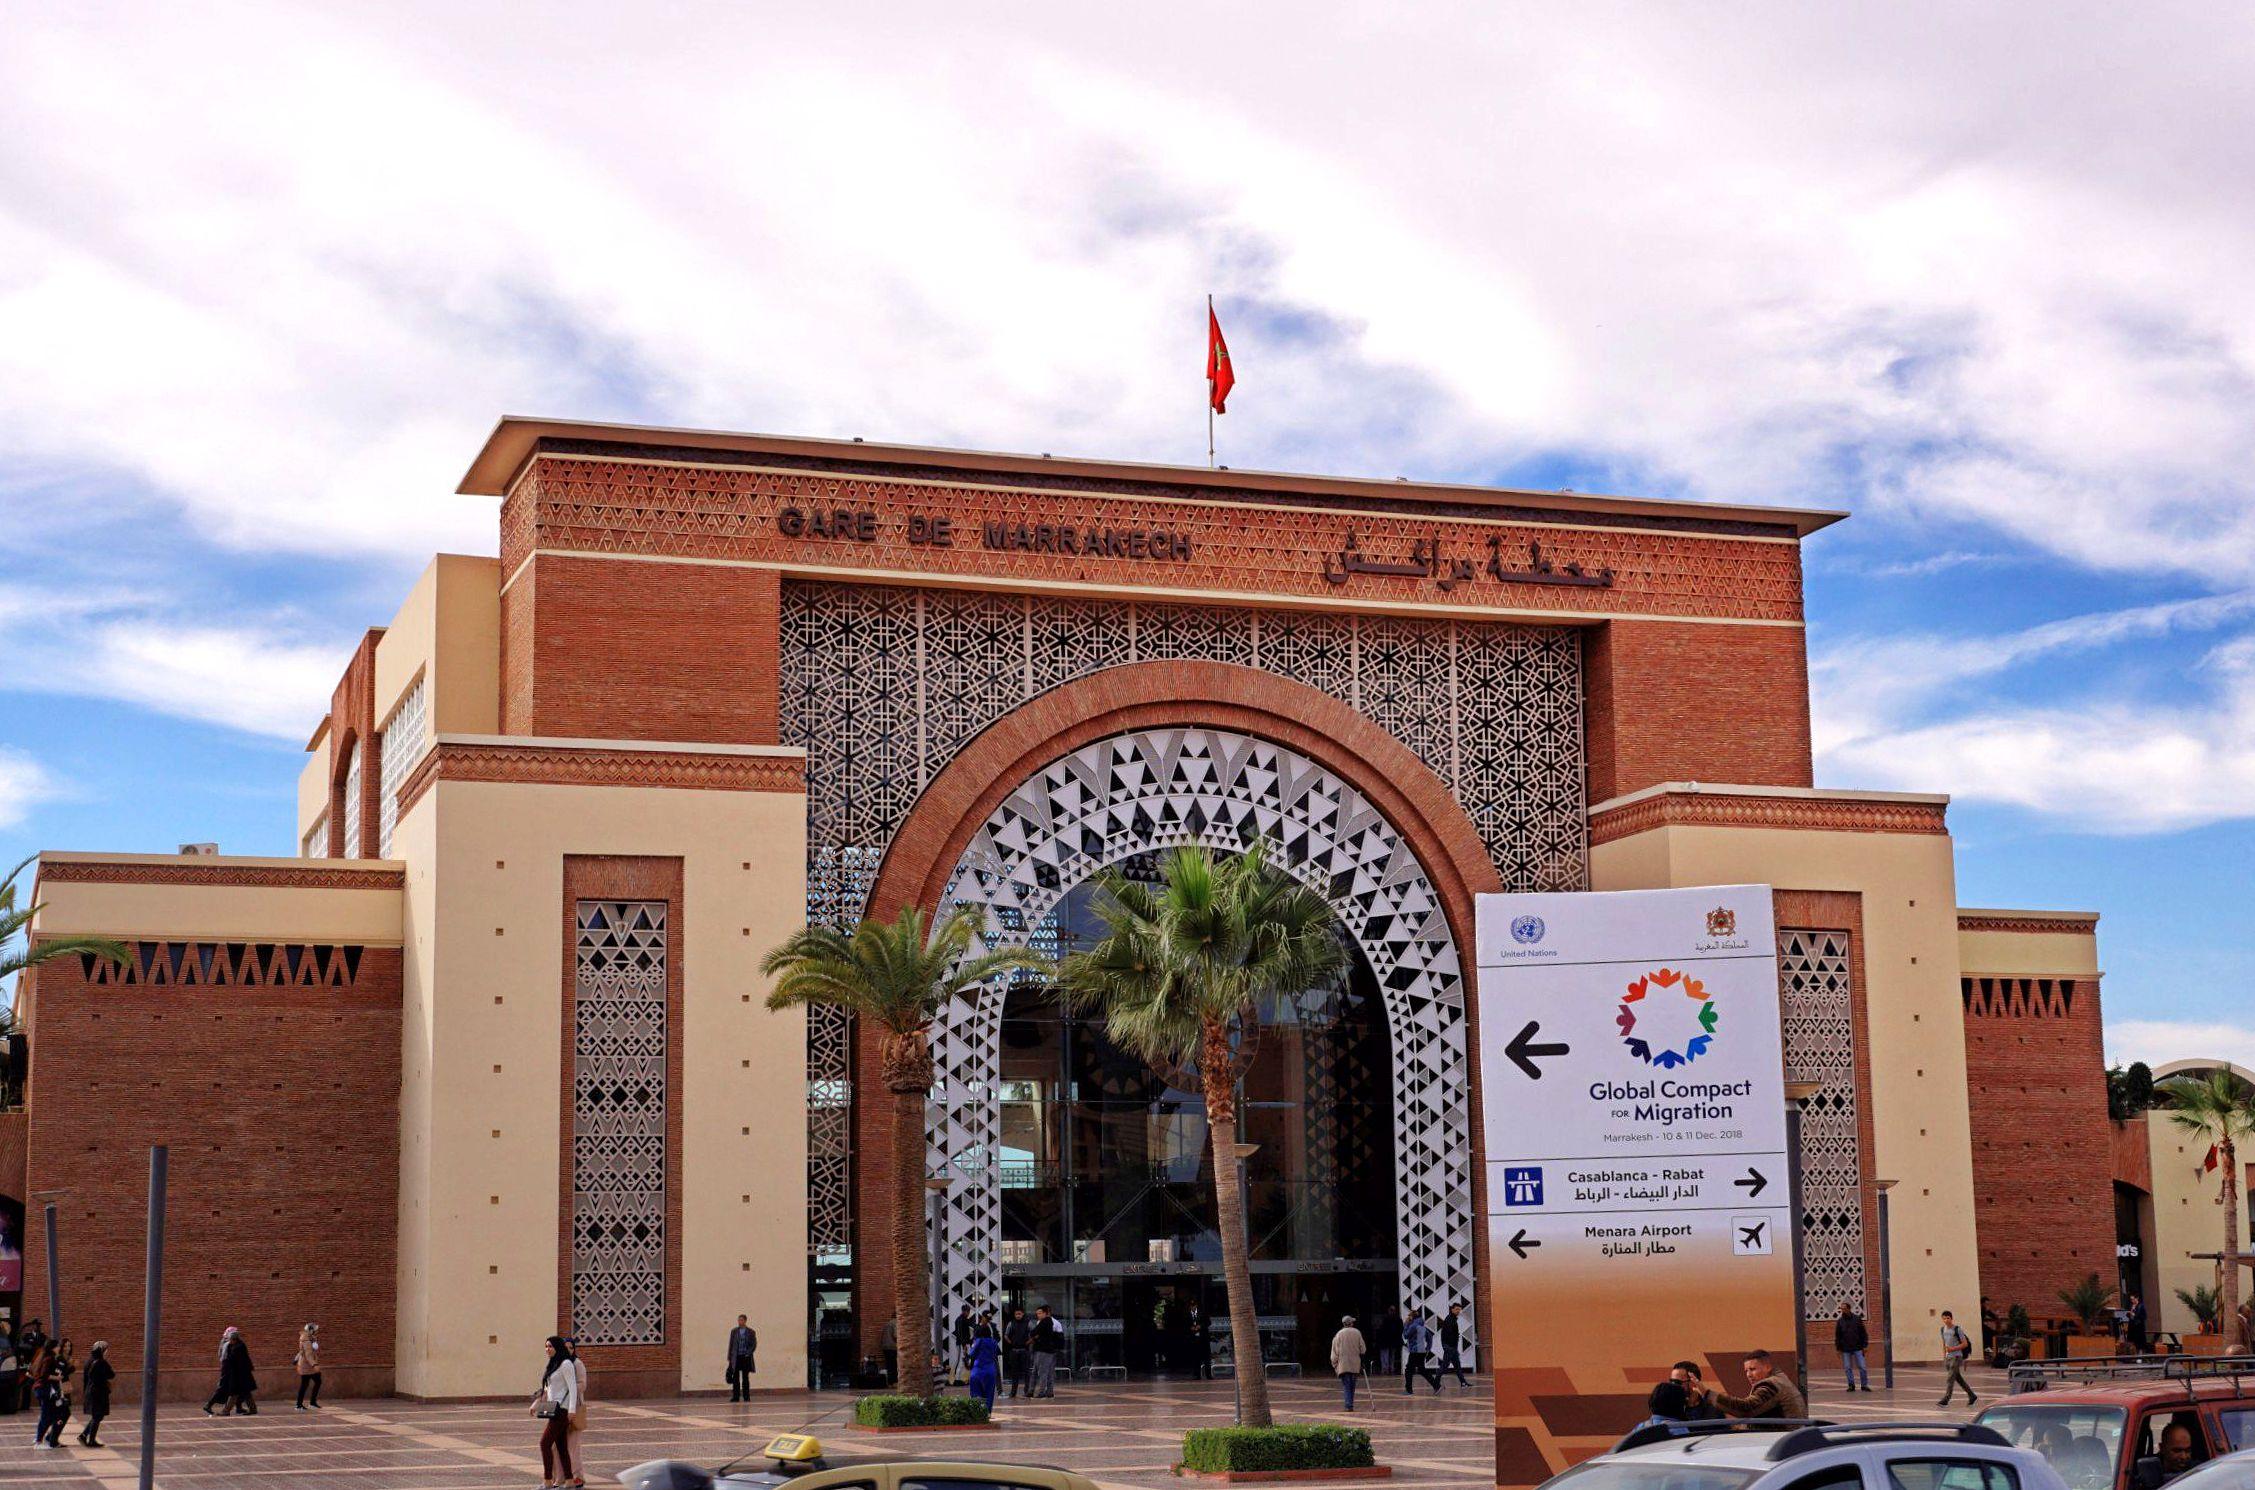 Dworzec kolejowy w Marrakeszu